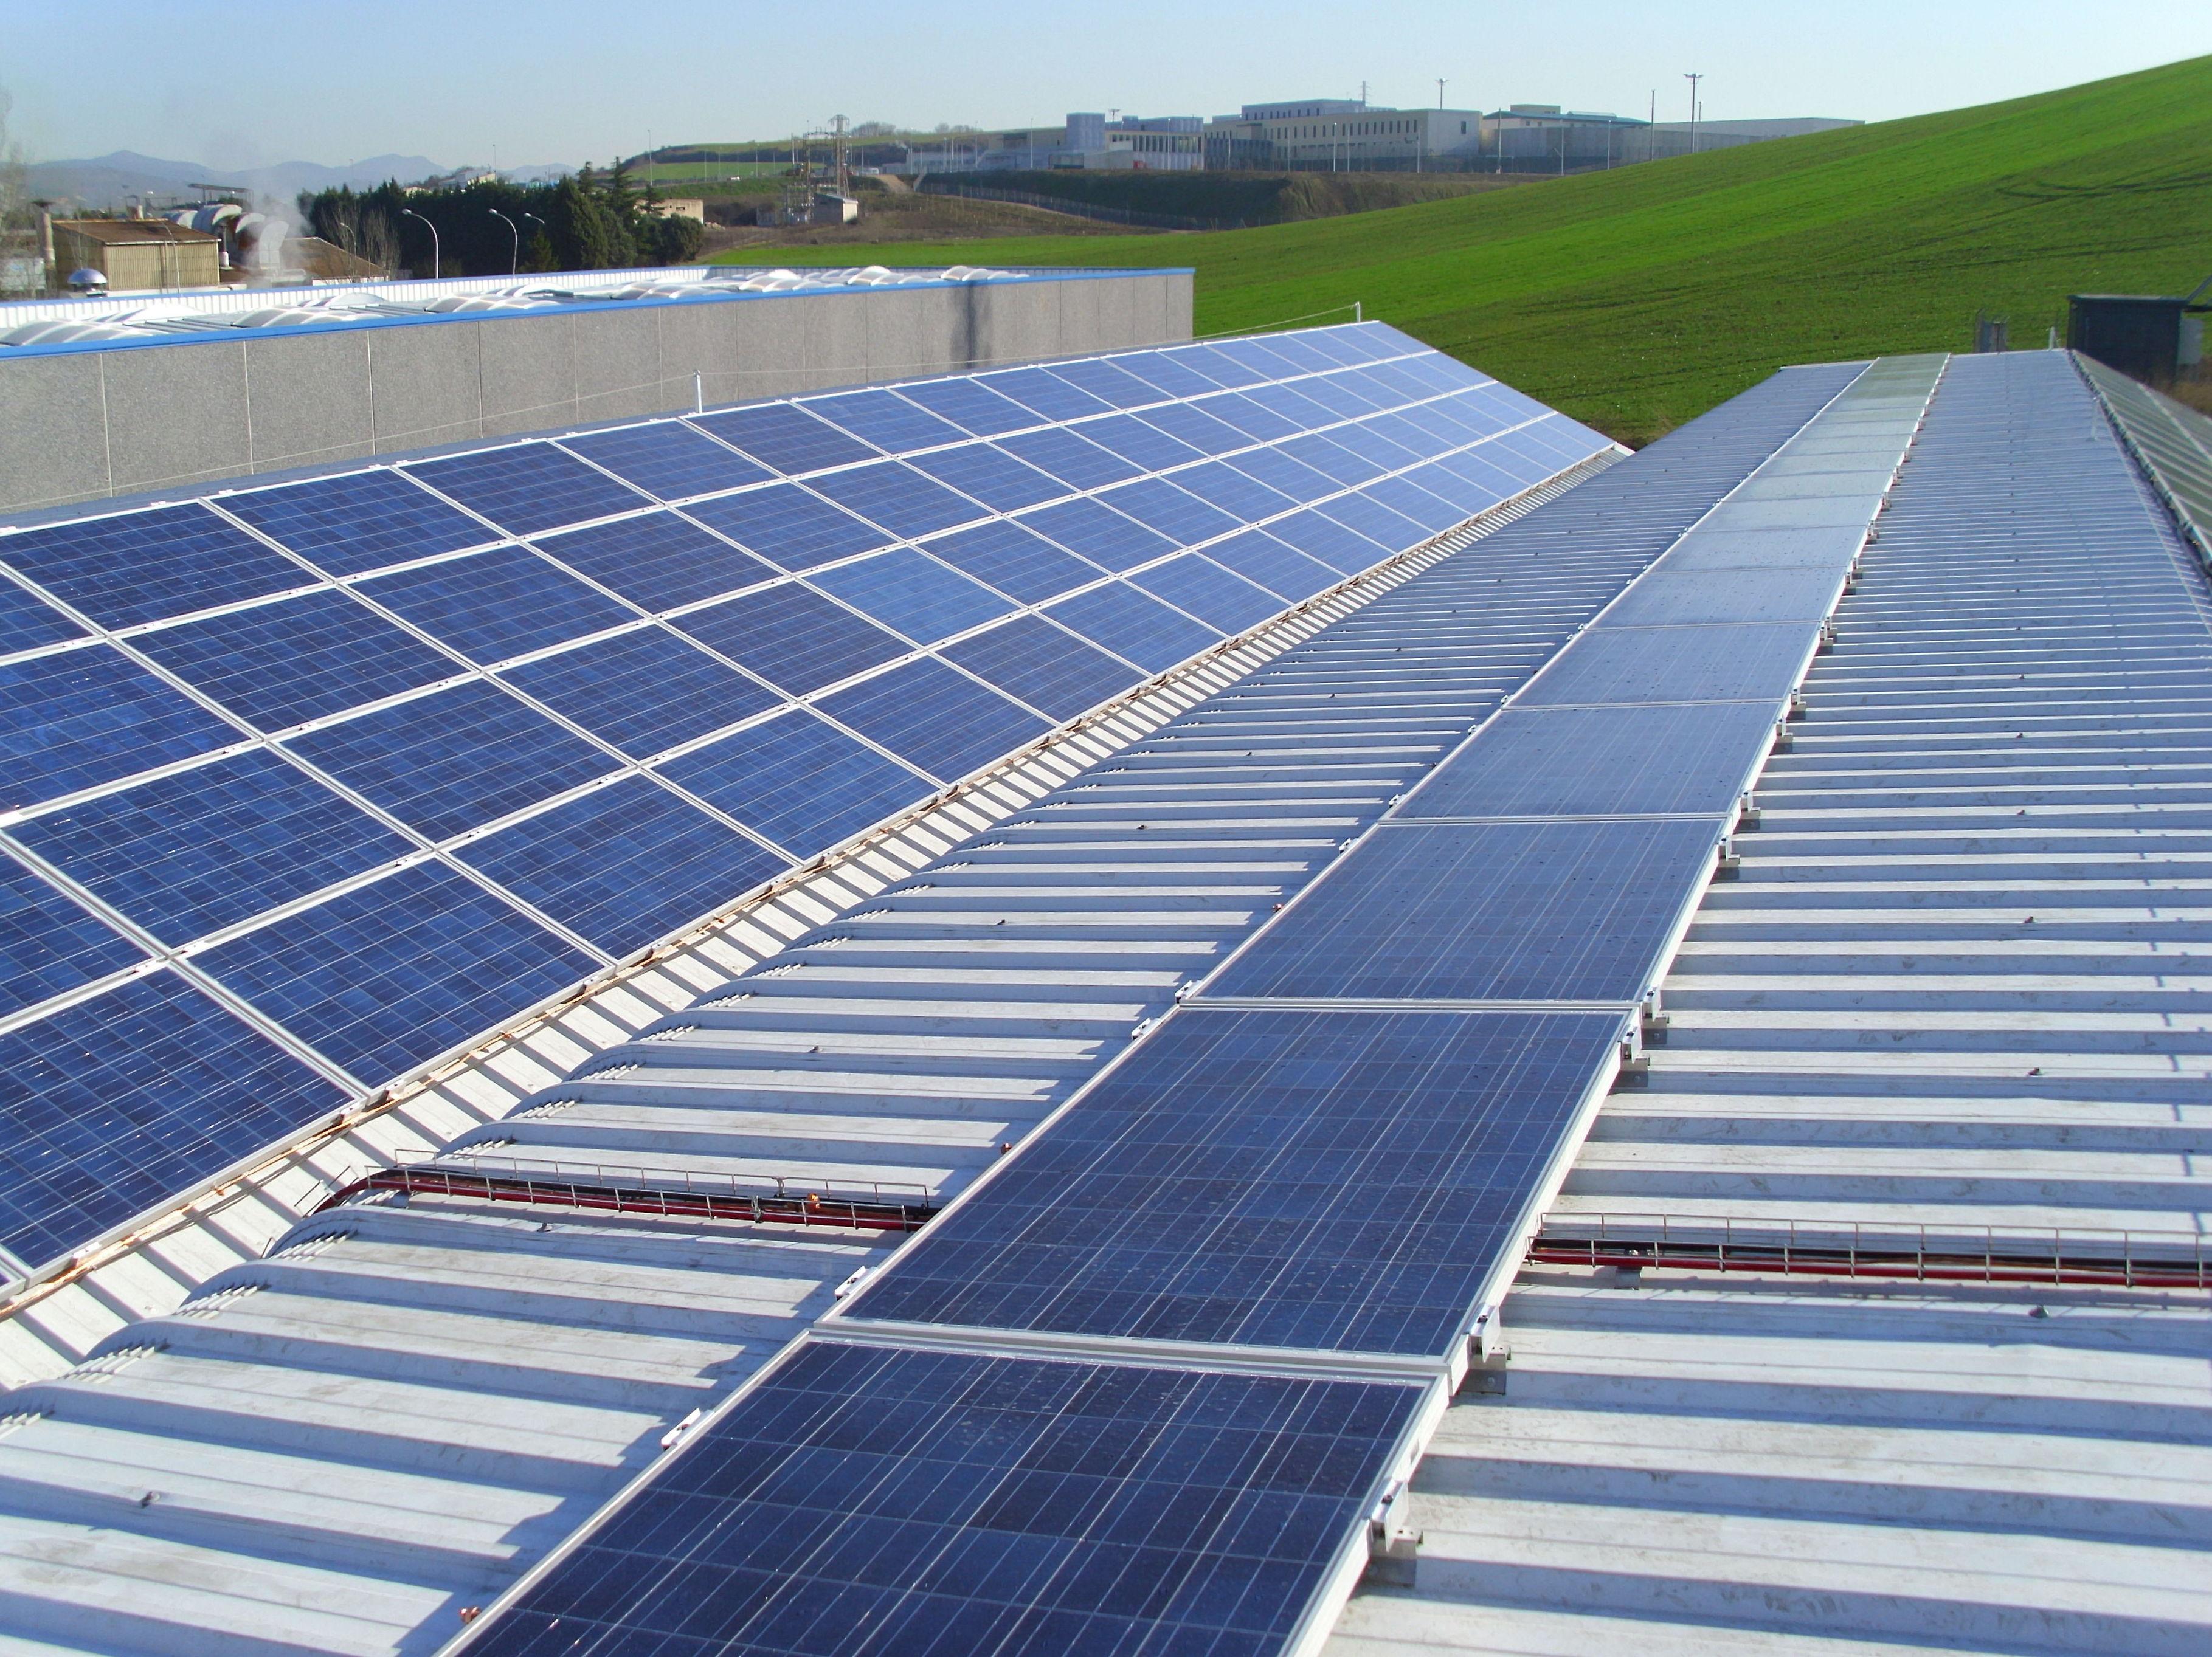 Solarfam, soluciones de eficiencia energética y energías renovables en Industria Navarra Cerro Santa Lucia